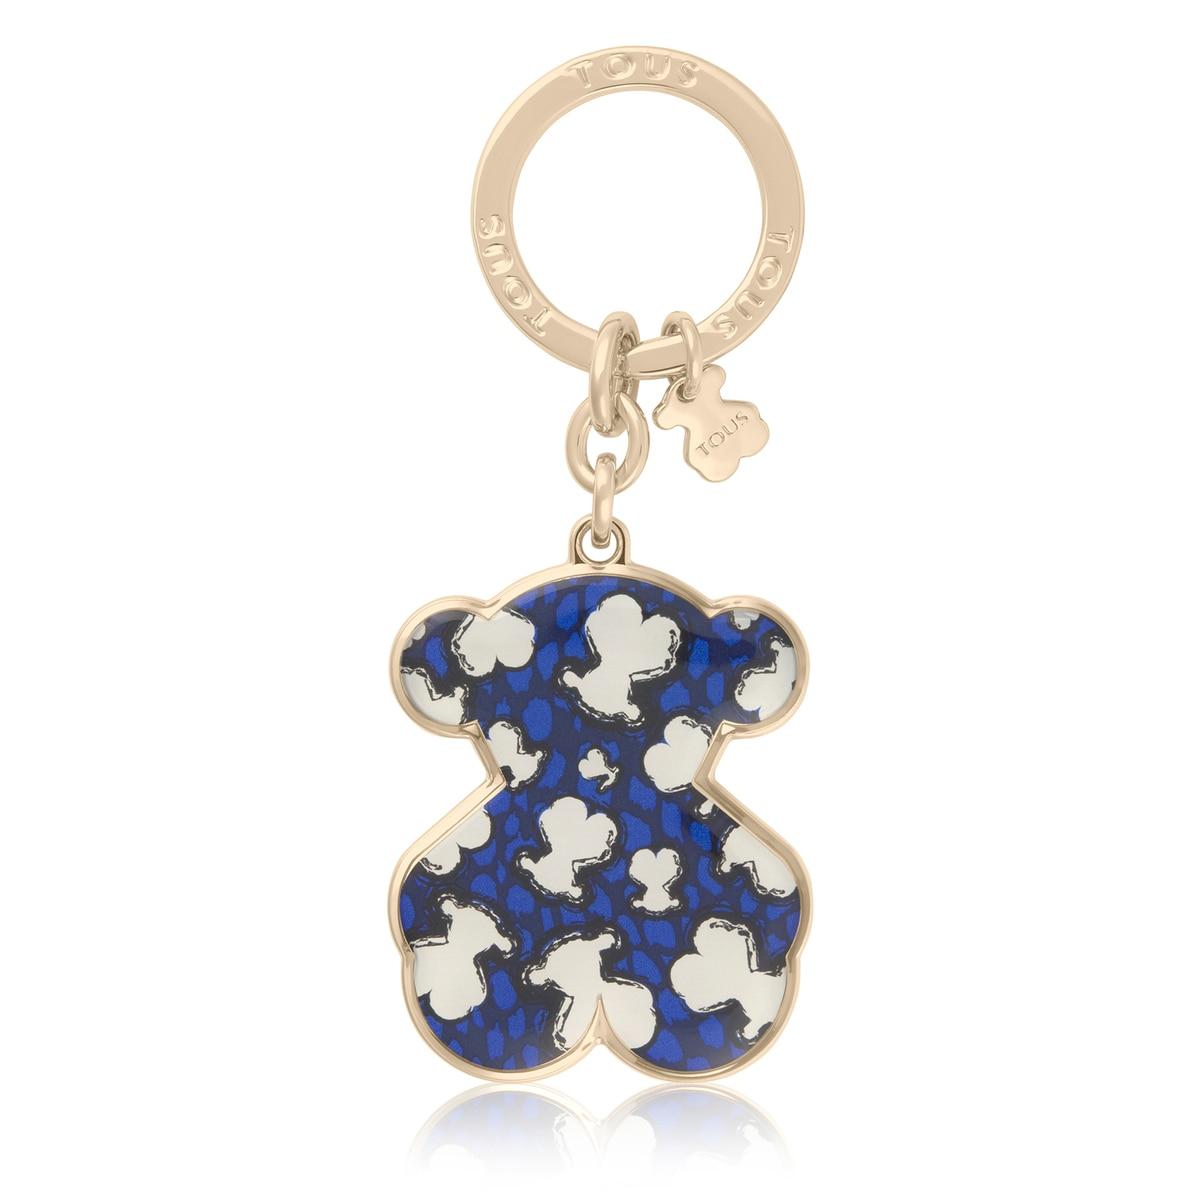 Blue Oso Lene Leo Key ring